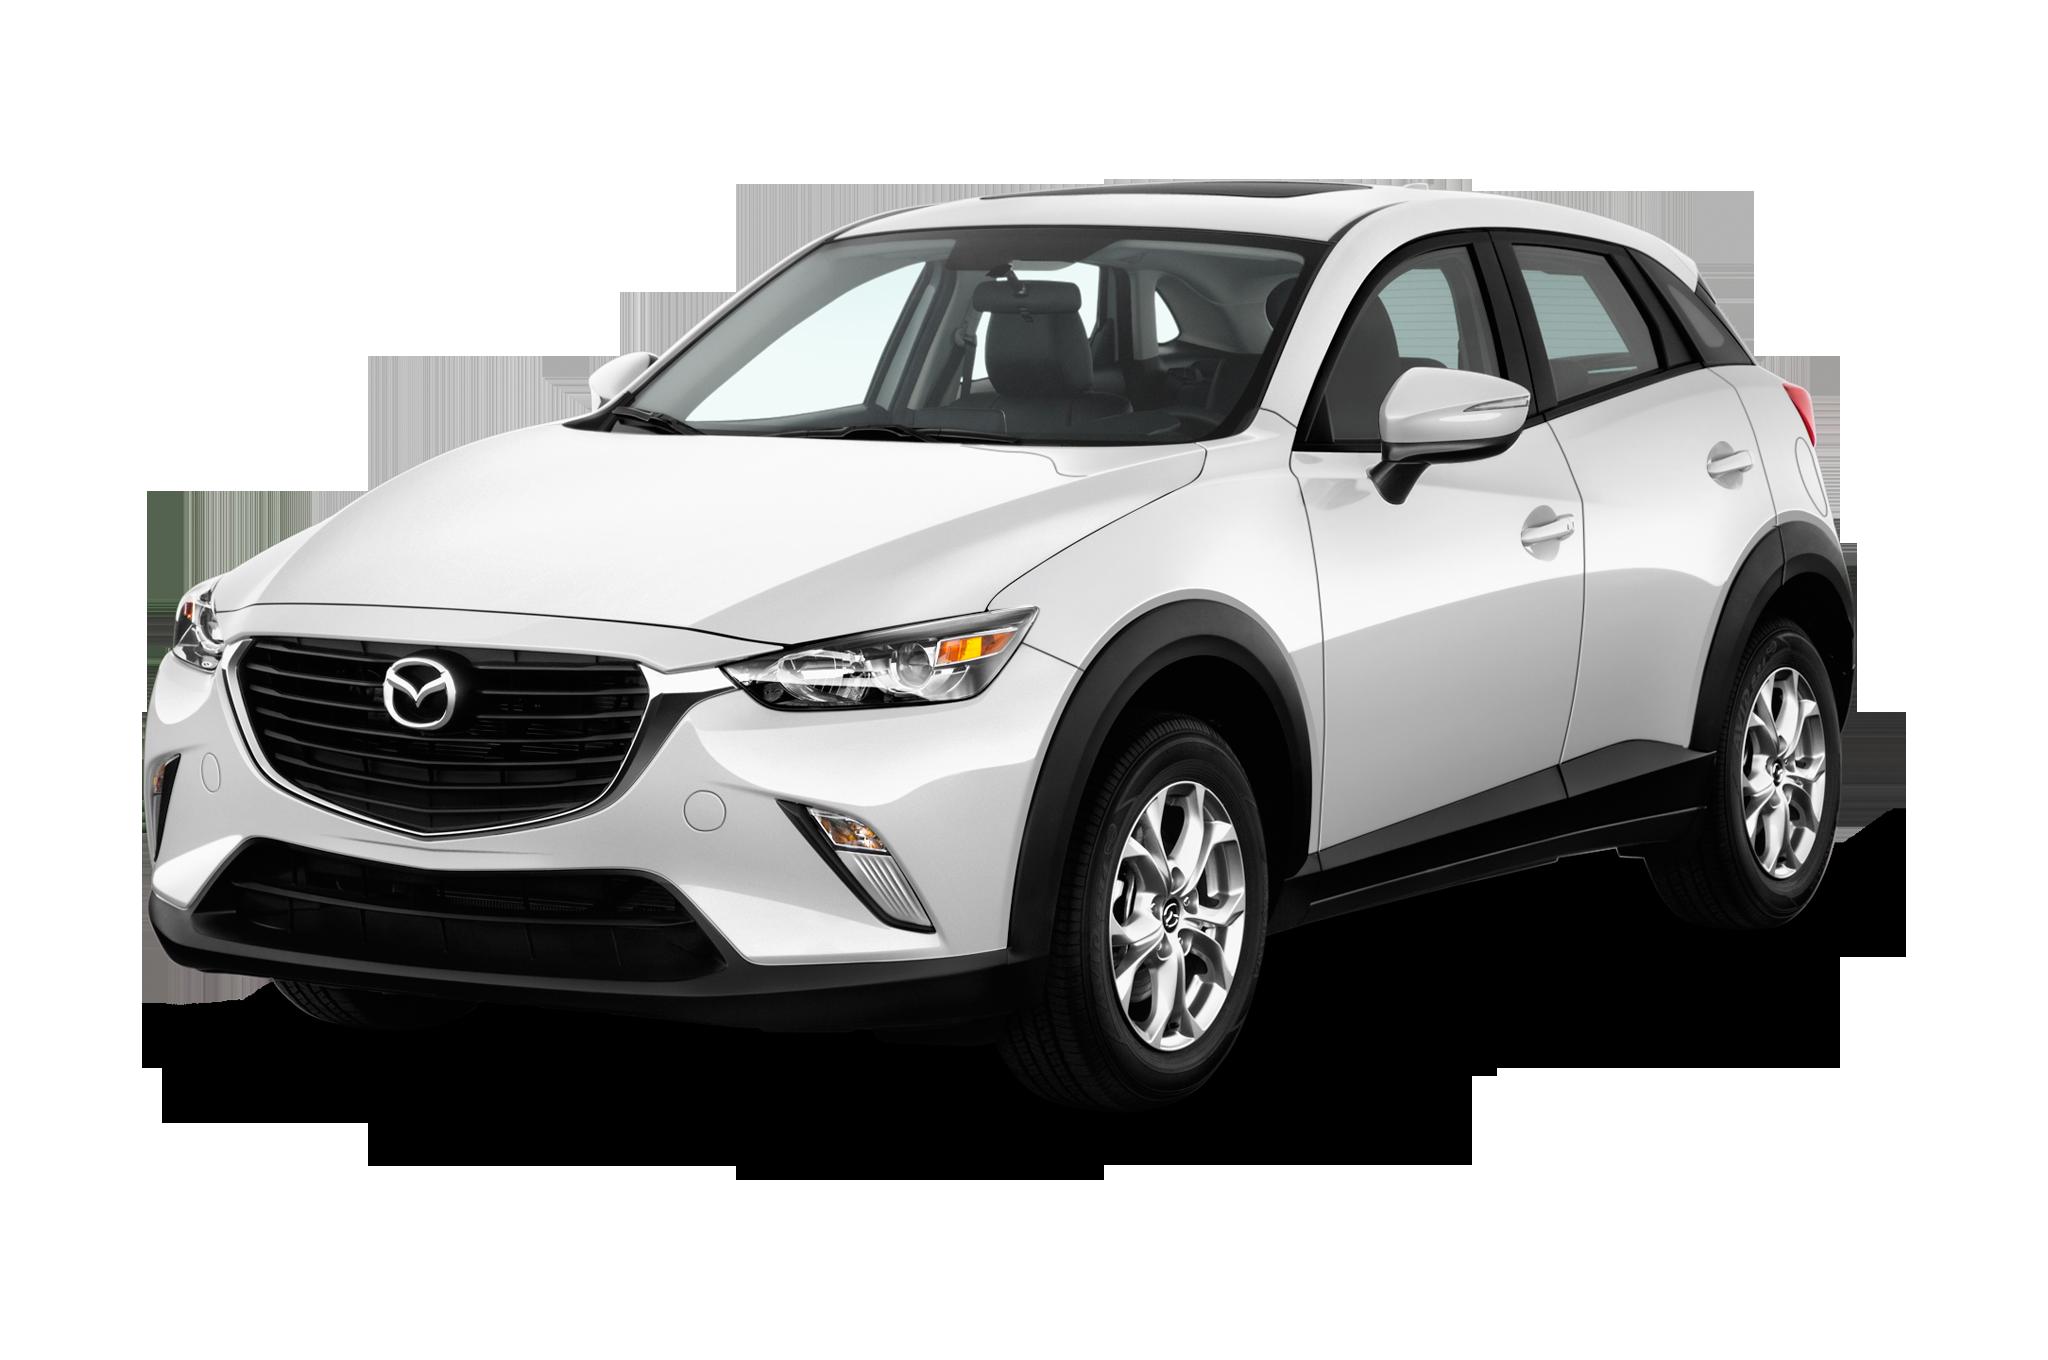 2016 Mazda CX 3. 12|38 · 13|38 - Mazda Cx 3 PNG